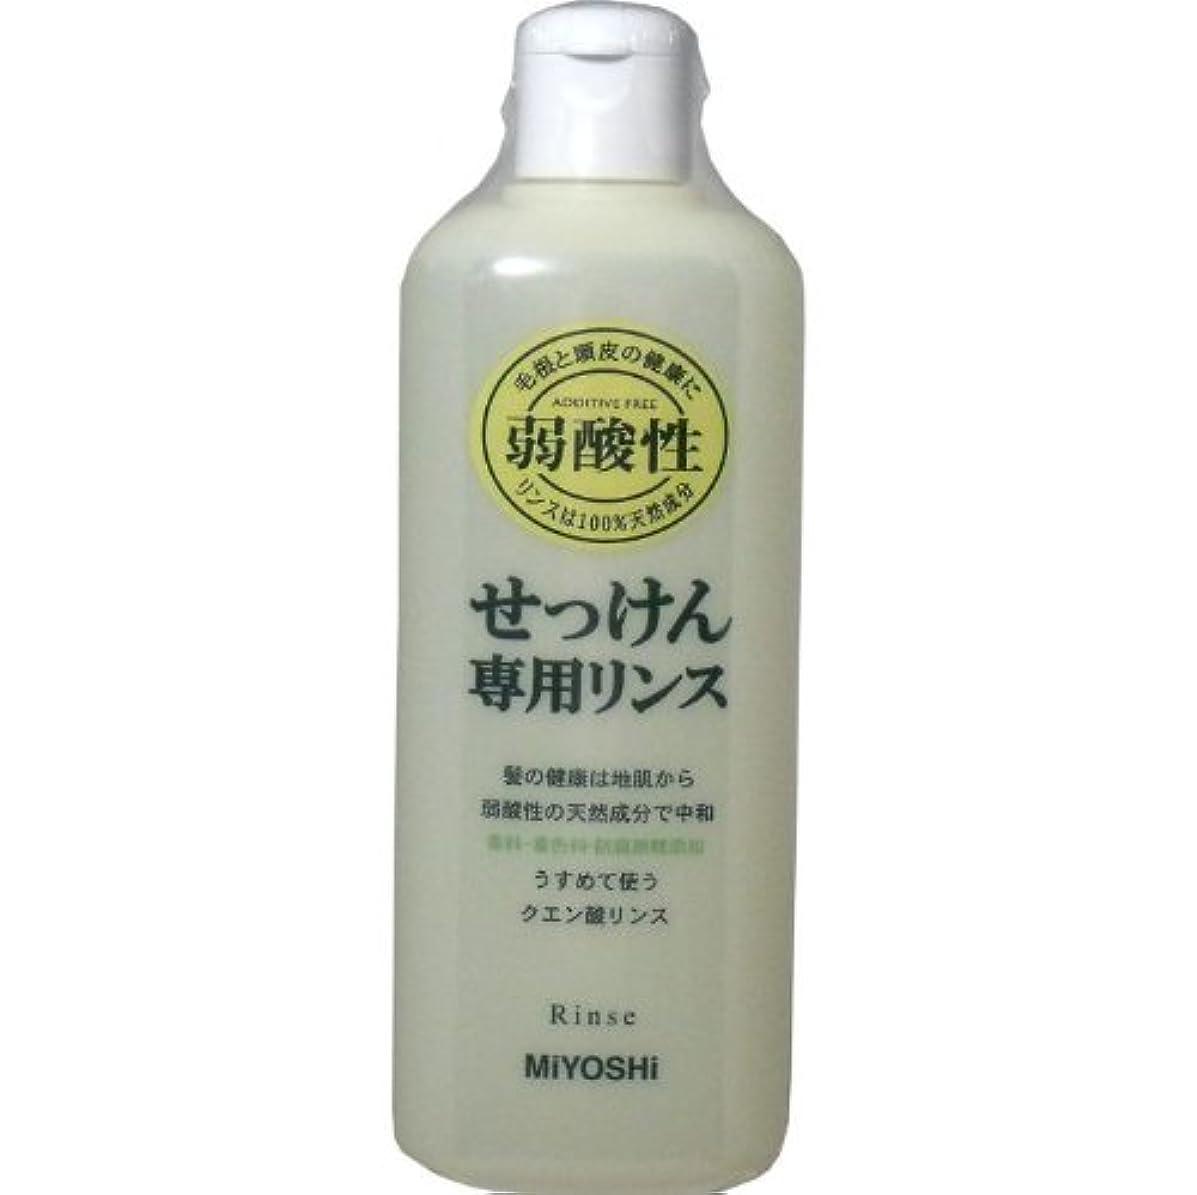 髪の健康は地肌から、弱酸性の天然成分で中和!!香料、防腐剤、着色料無添加!うすめて使うクエン酸リンス!リンス 350mL【5個セット】